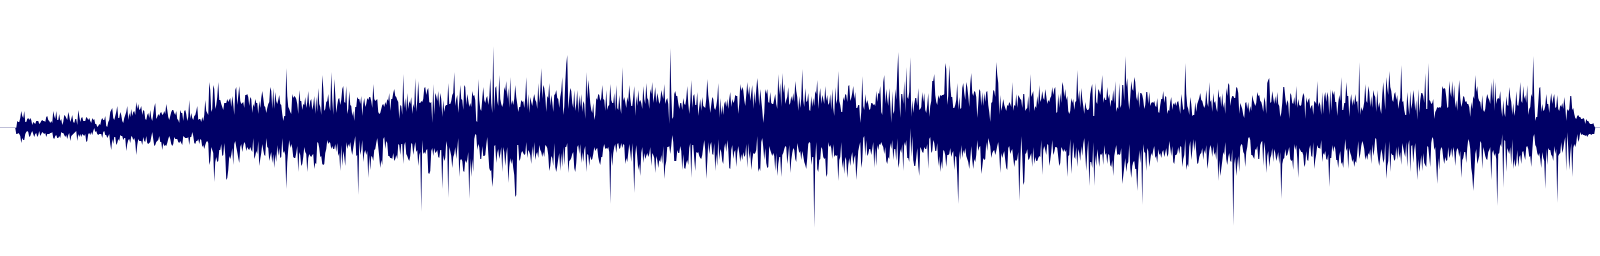 waveform of track #132254